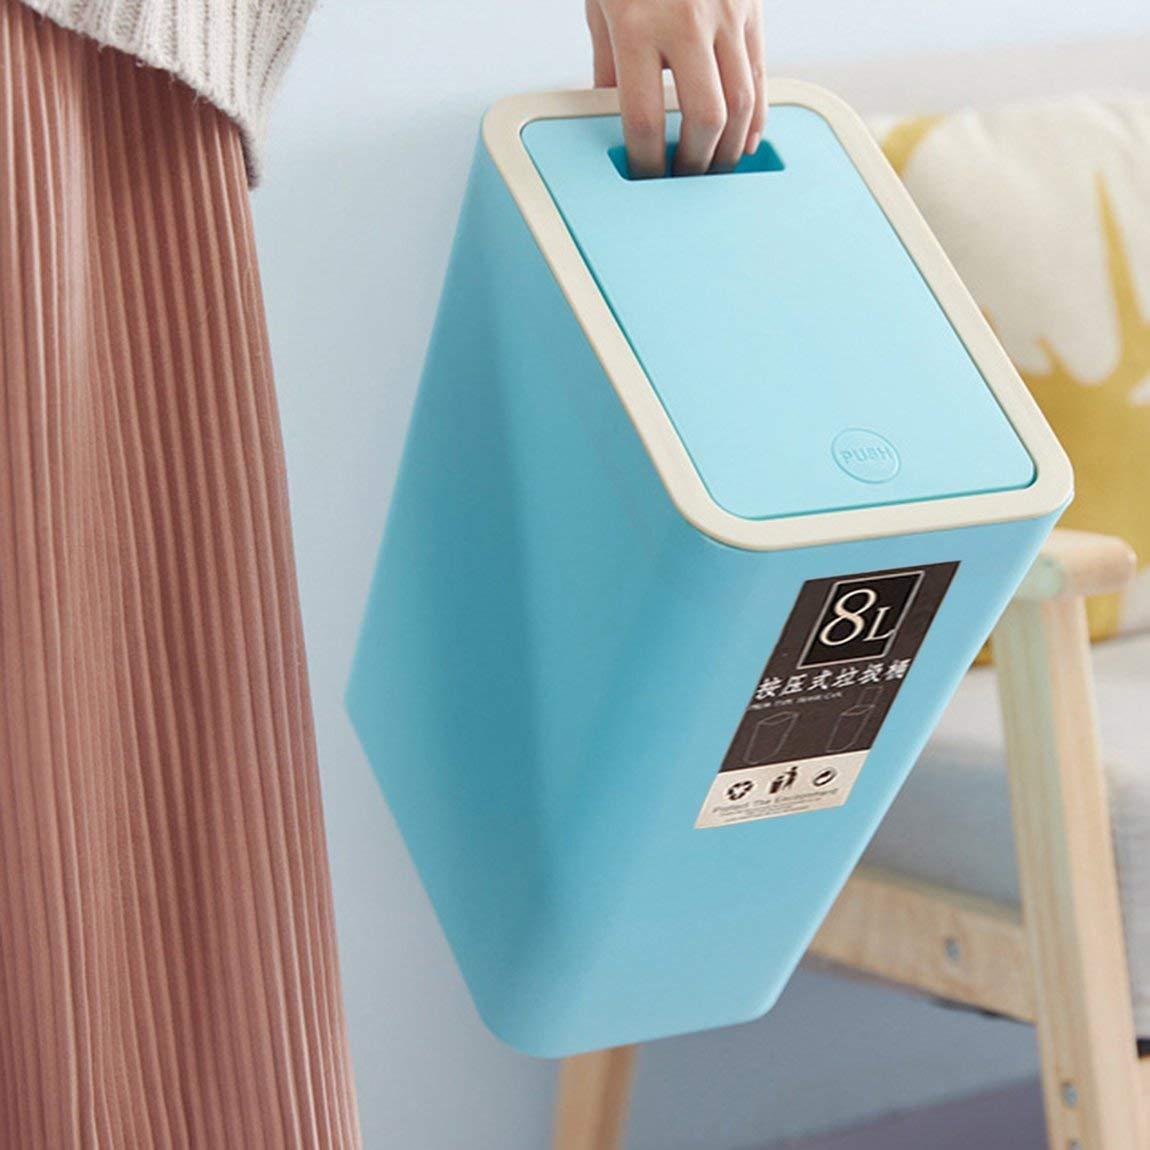 Couleur: Bleu 73JohnPol Poubelle en Plastique au Design Moderne 8L pouvant appuyer sur la Couverture Design Home Cuisine Bureau Poubelle Salon Toilette Poubelle Corbeille /à Papier